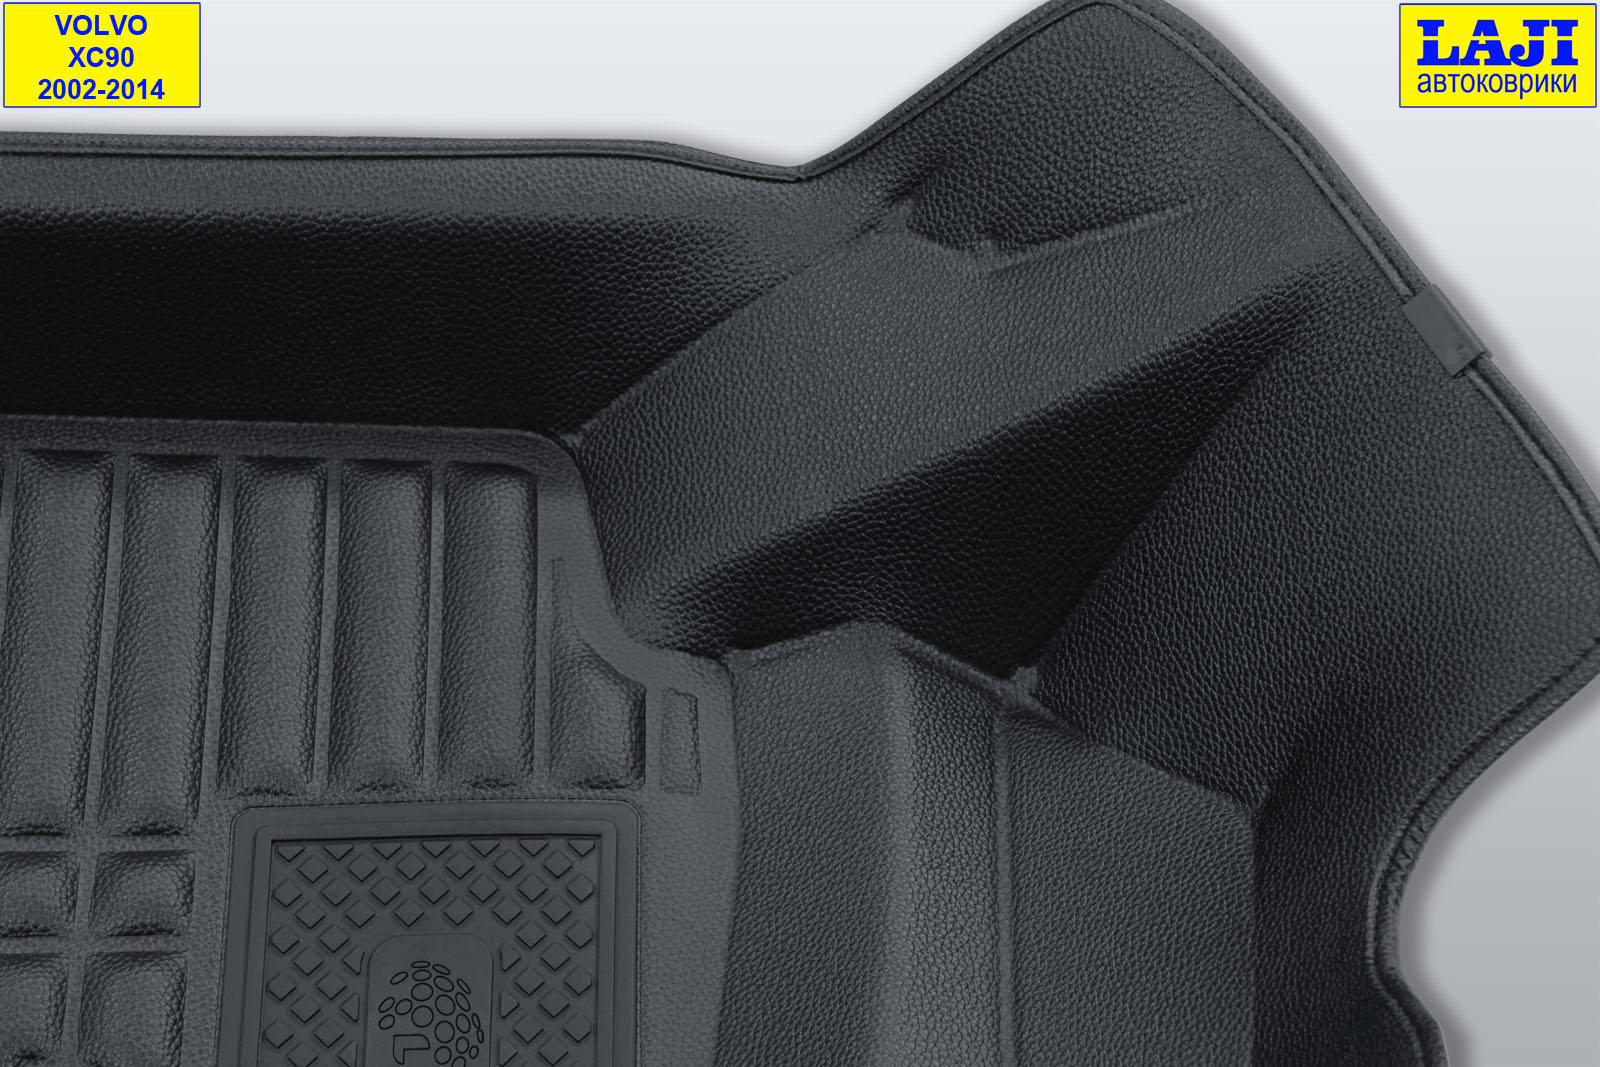 5D коврики в салон Volvo XC90 I 2002-2014 6